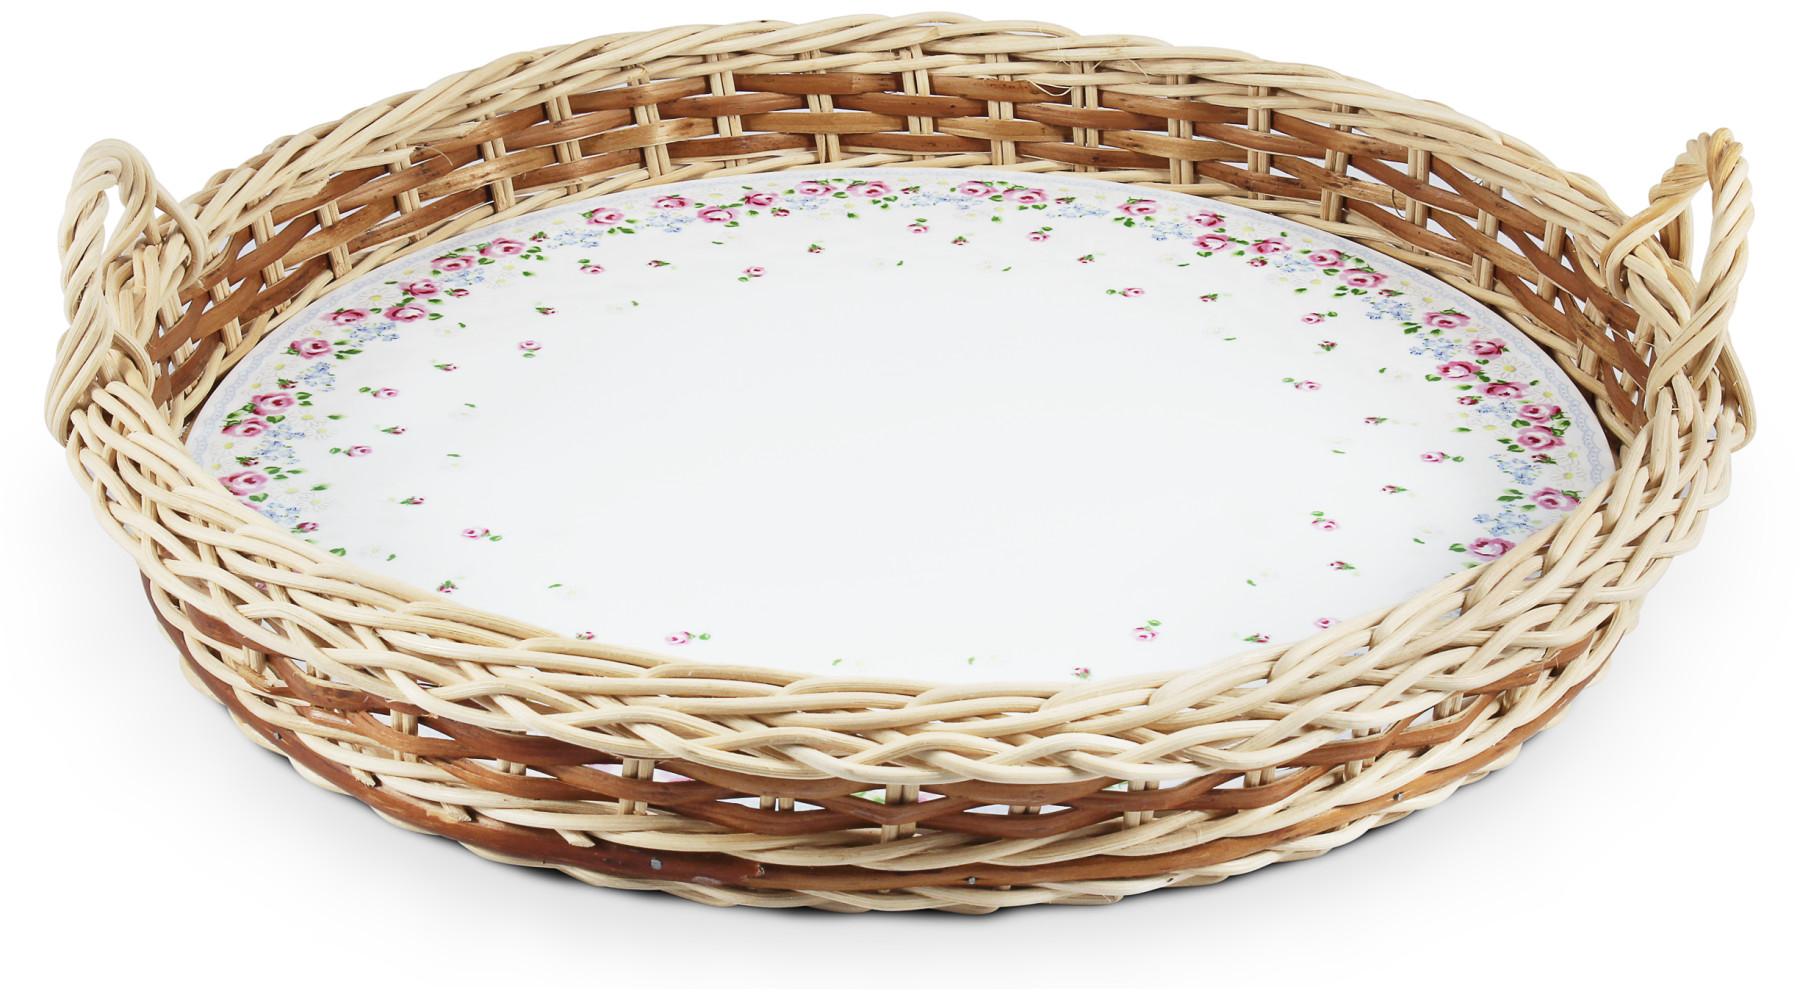 Serving tray in a wicker basket 38 cm RoseLine var.2